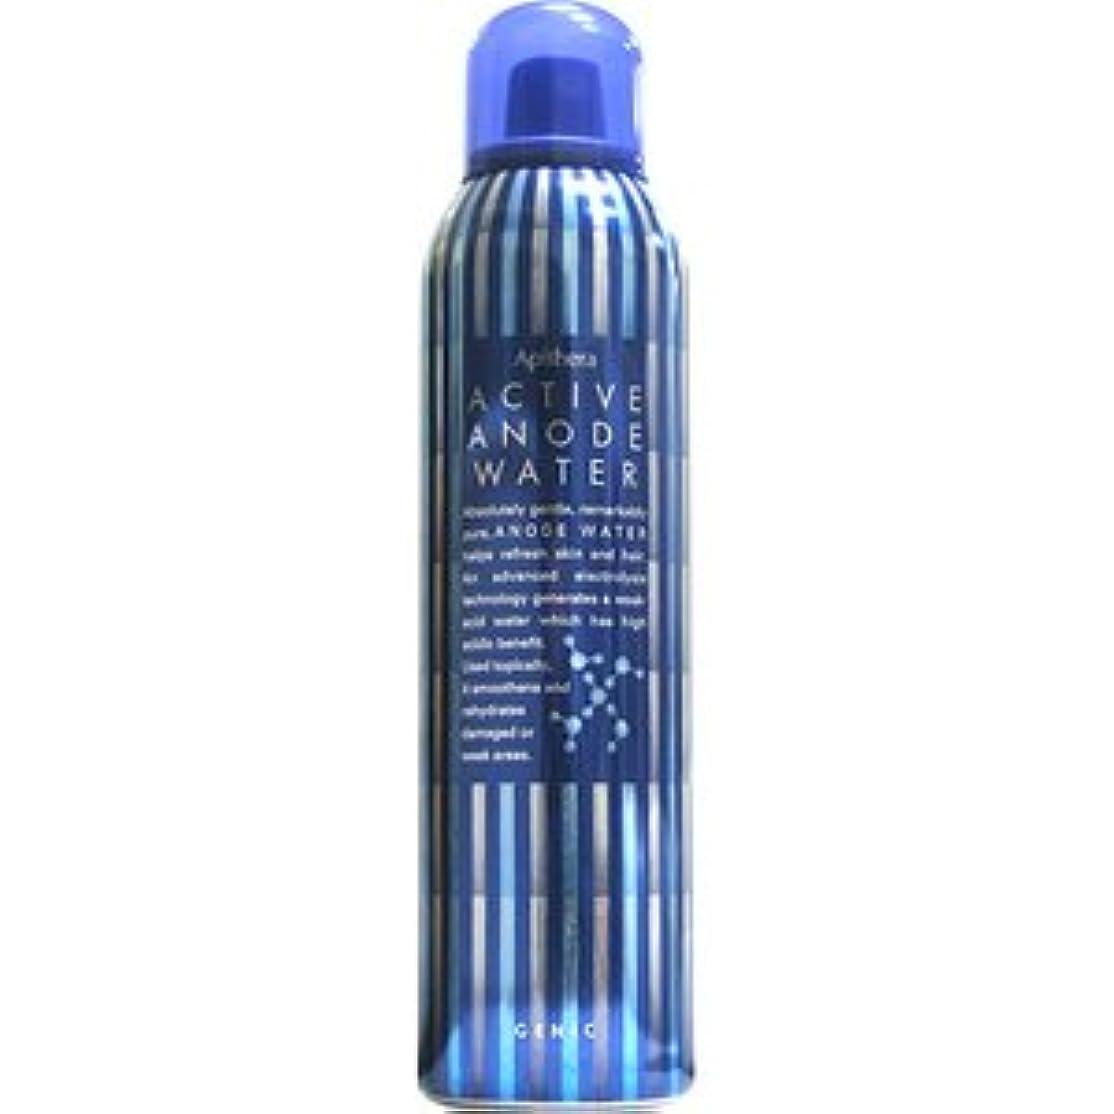 残酷な吸い込む重々しい【x5個セット】 資生堂 アピセラ アクティブ アノードウォーター(弱酸性高酸化水) 150ml